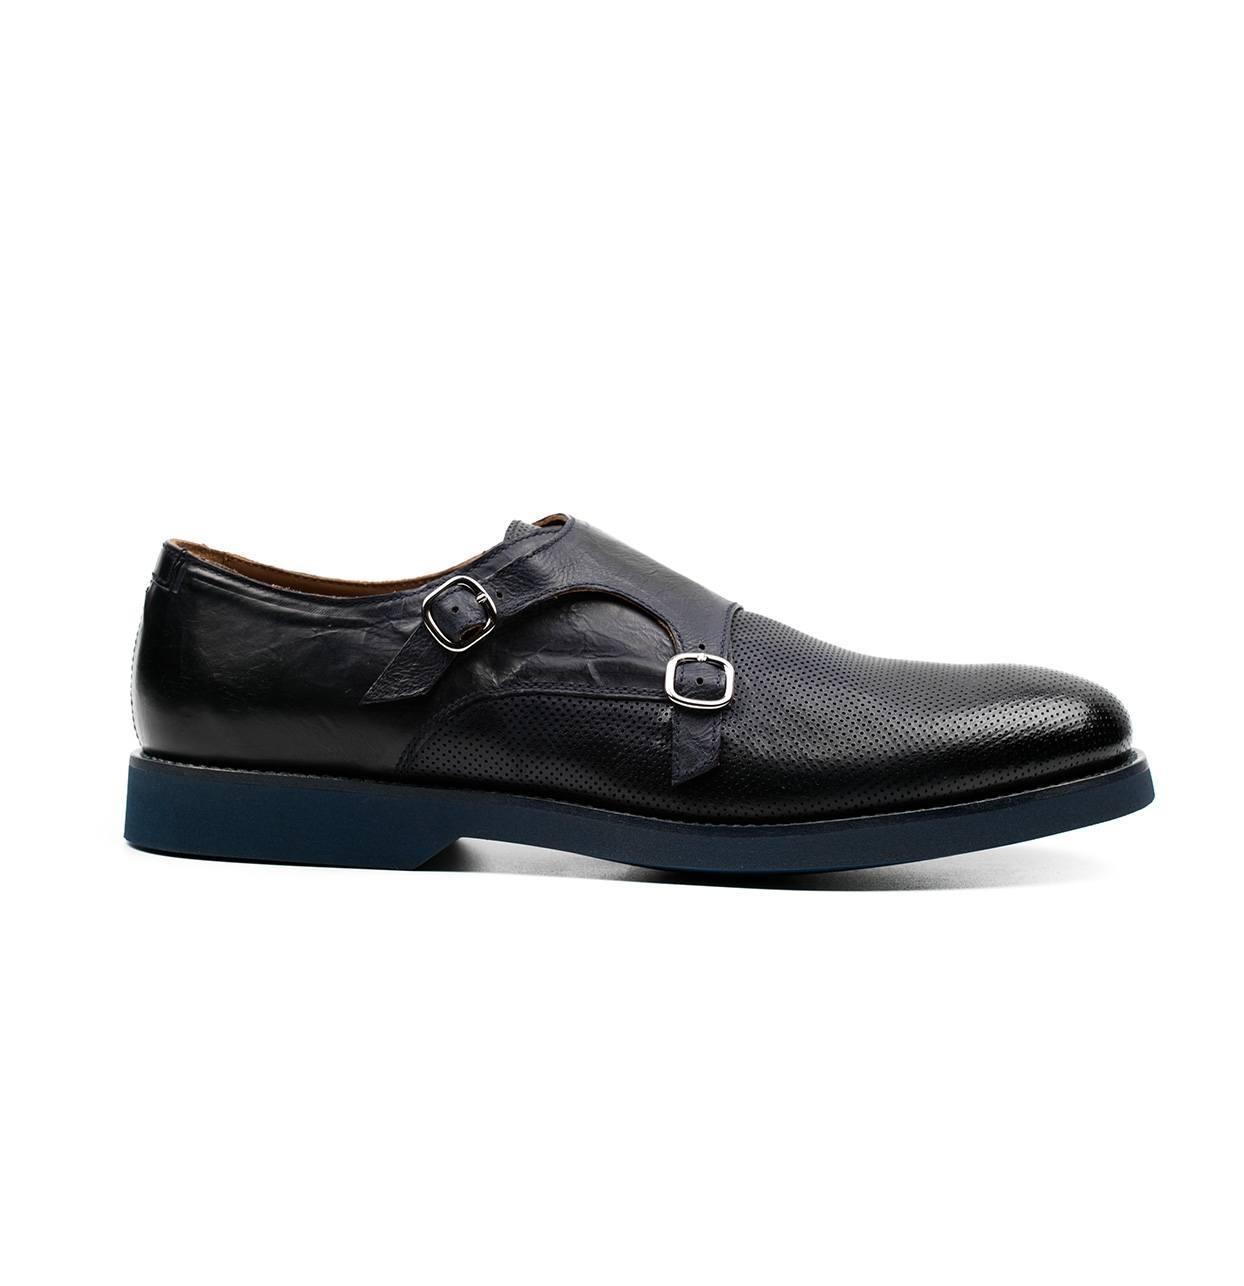 Zapato color azul marino con doble hebilla y combinación de piel lisa y piel perforada.